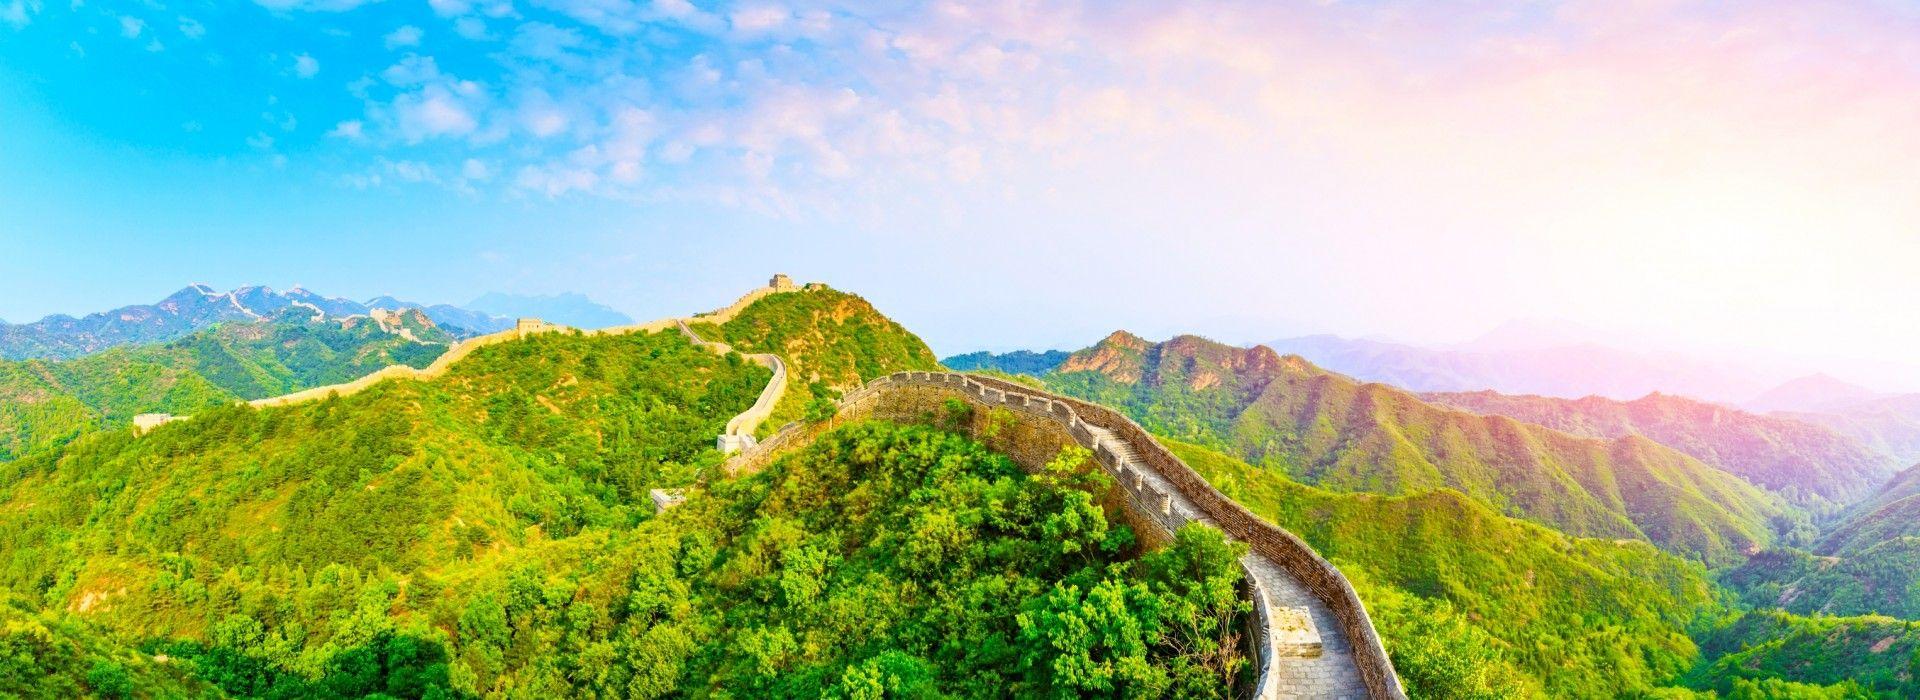 Adventure Tours in Chengdu